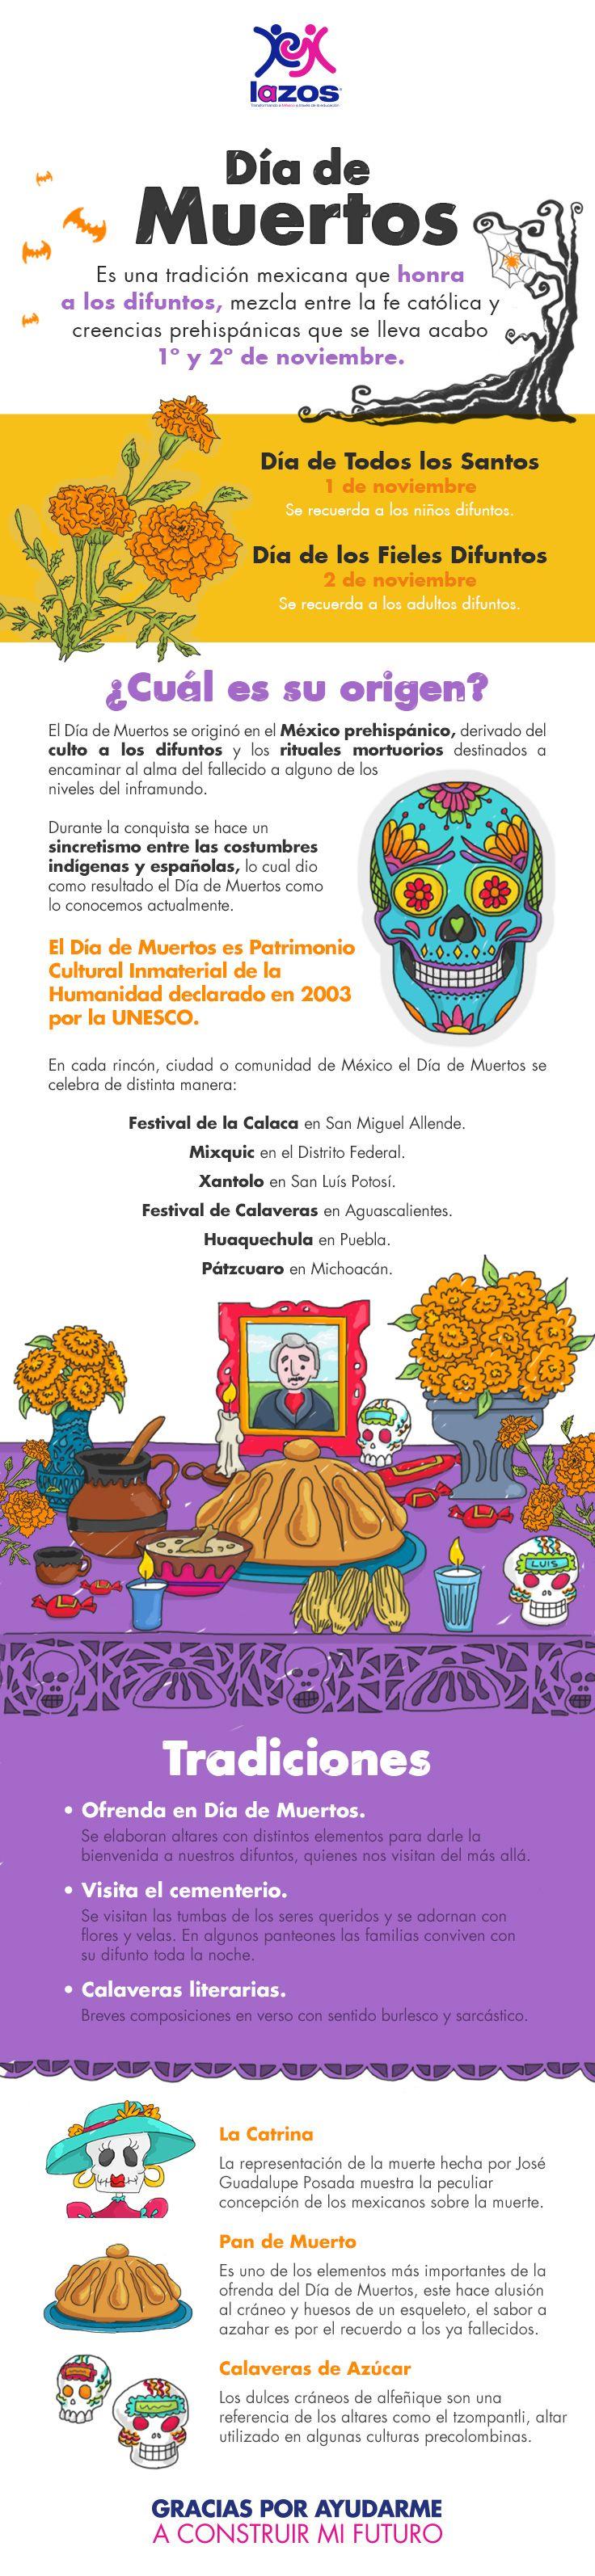 La muerte es vida y trascendencia para México, es por ello que la muerte se festeja de distintas maneras a lo largo del país. ¿Cómo se celebra el Día de Muertos dónde vives?